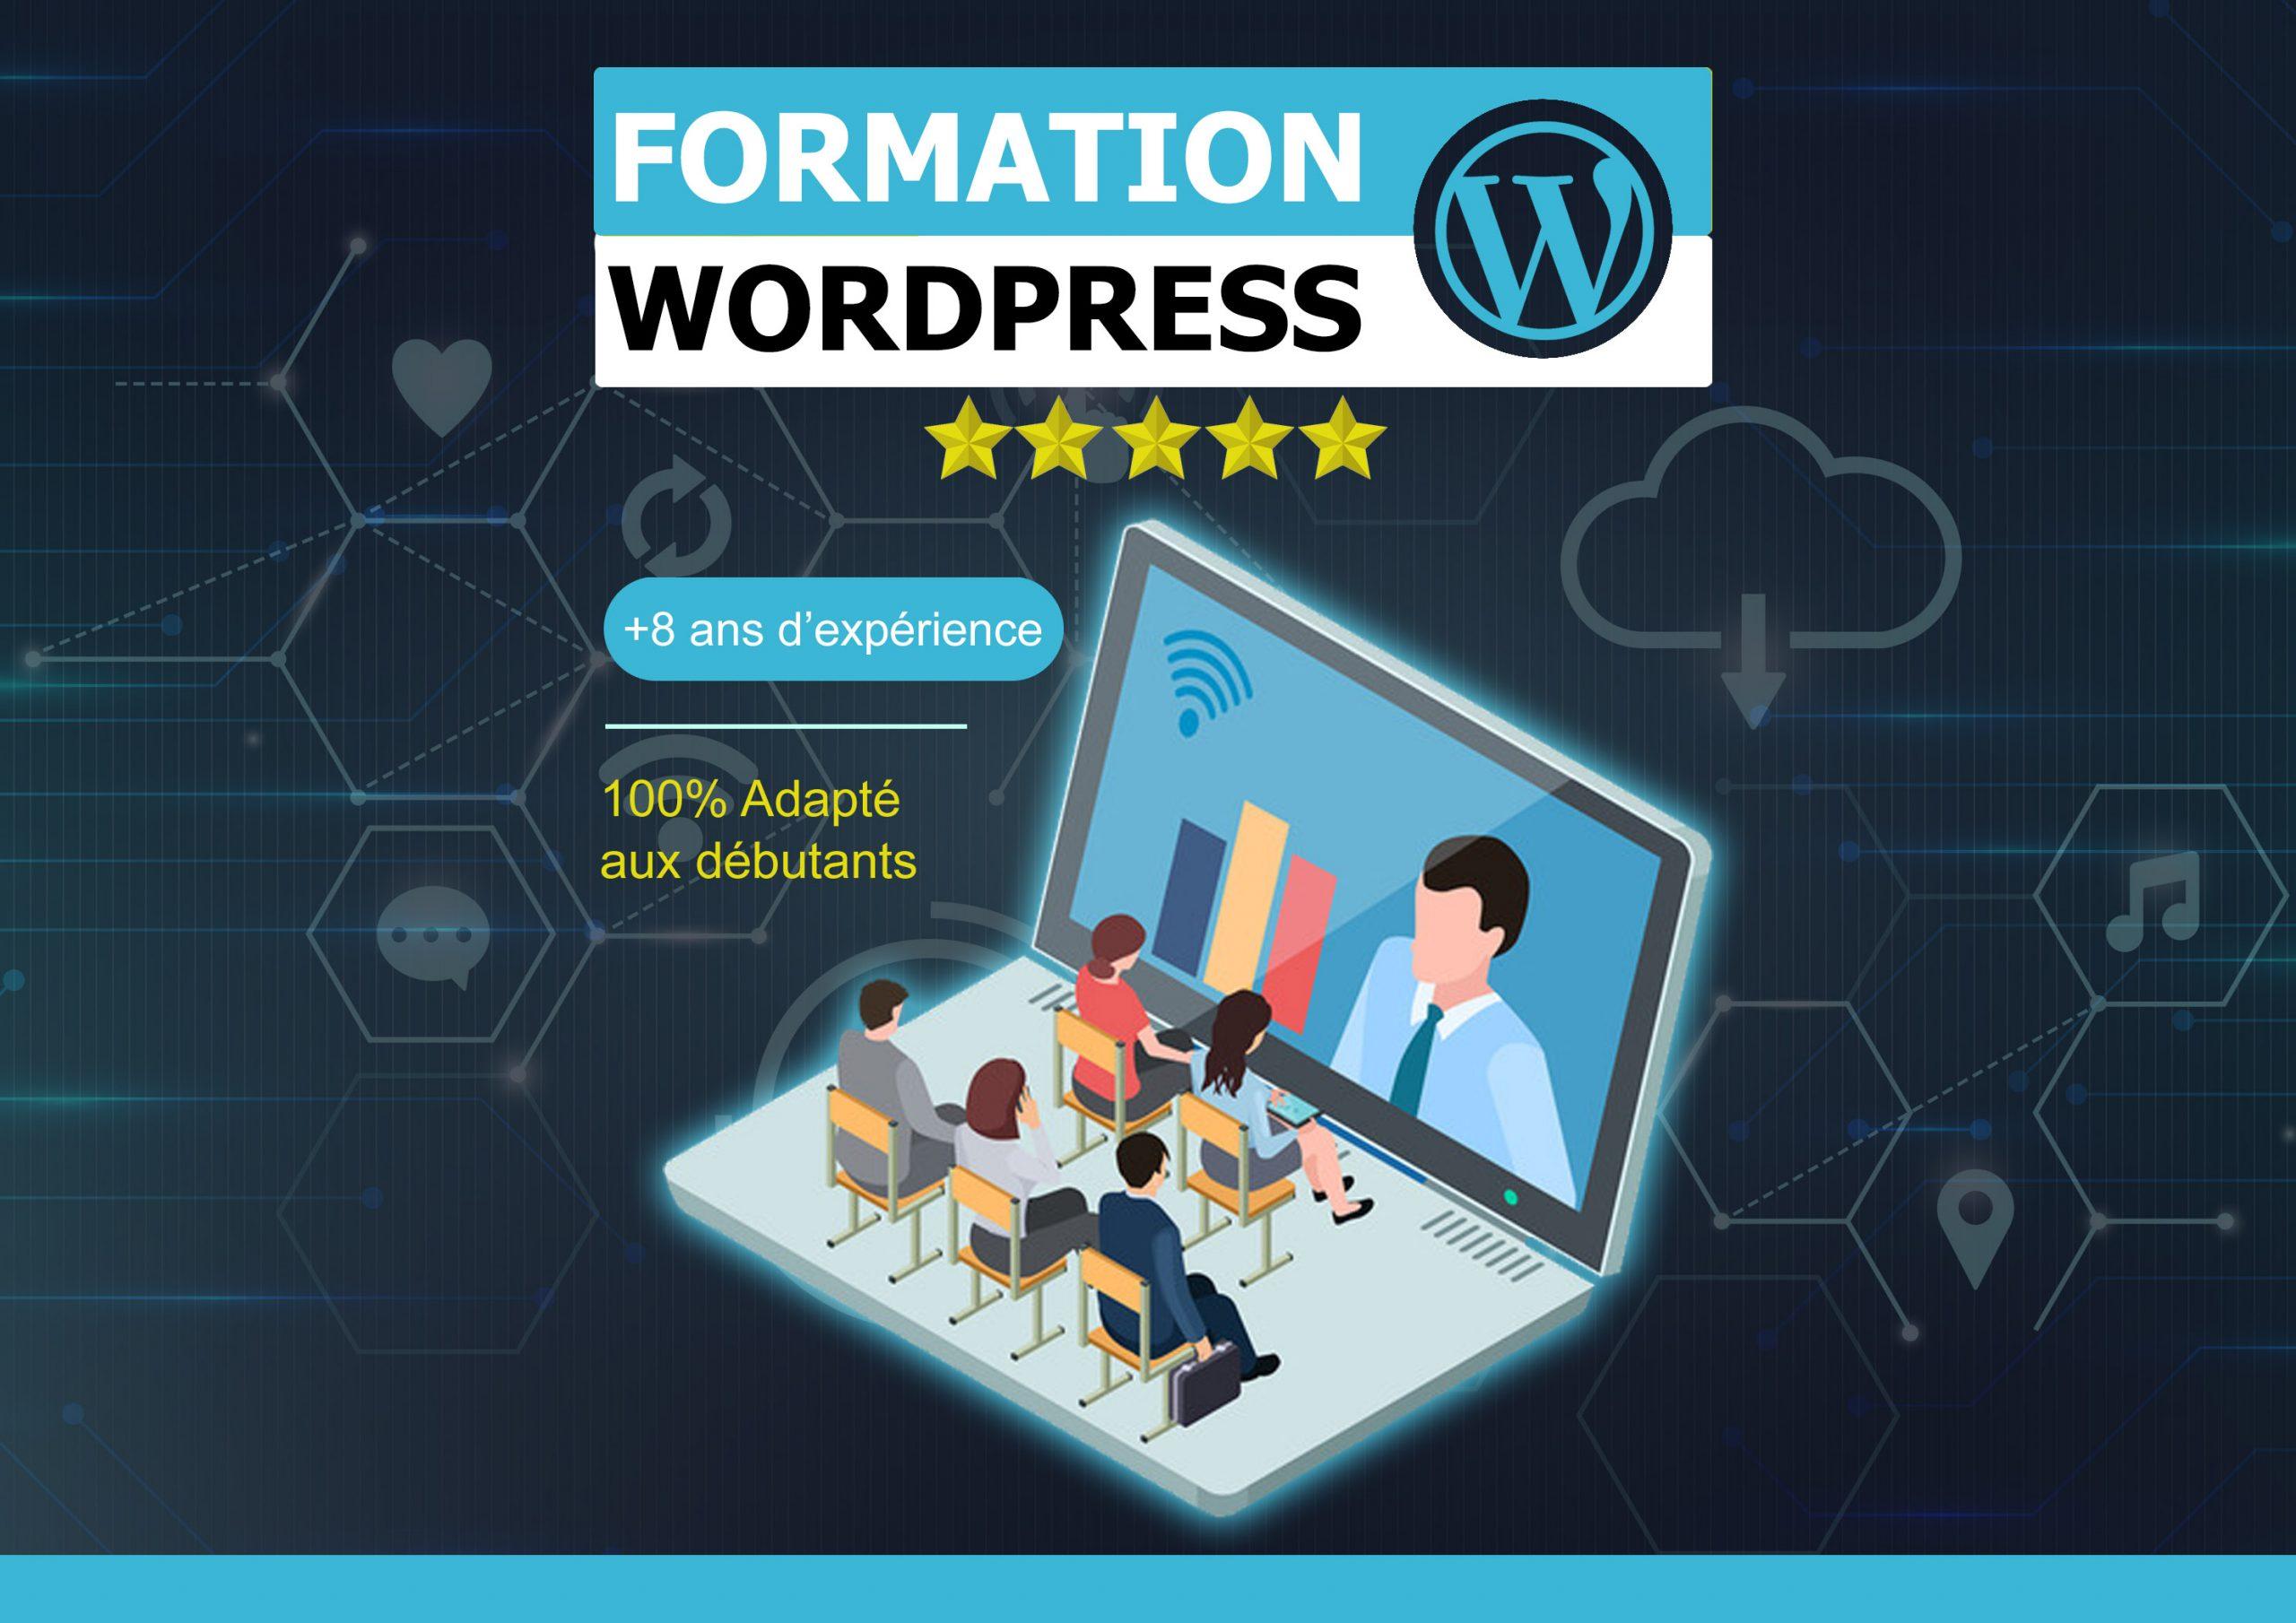 Je vous forme à la prise en main de WordPress par visio-conférence